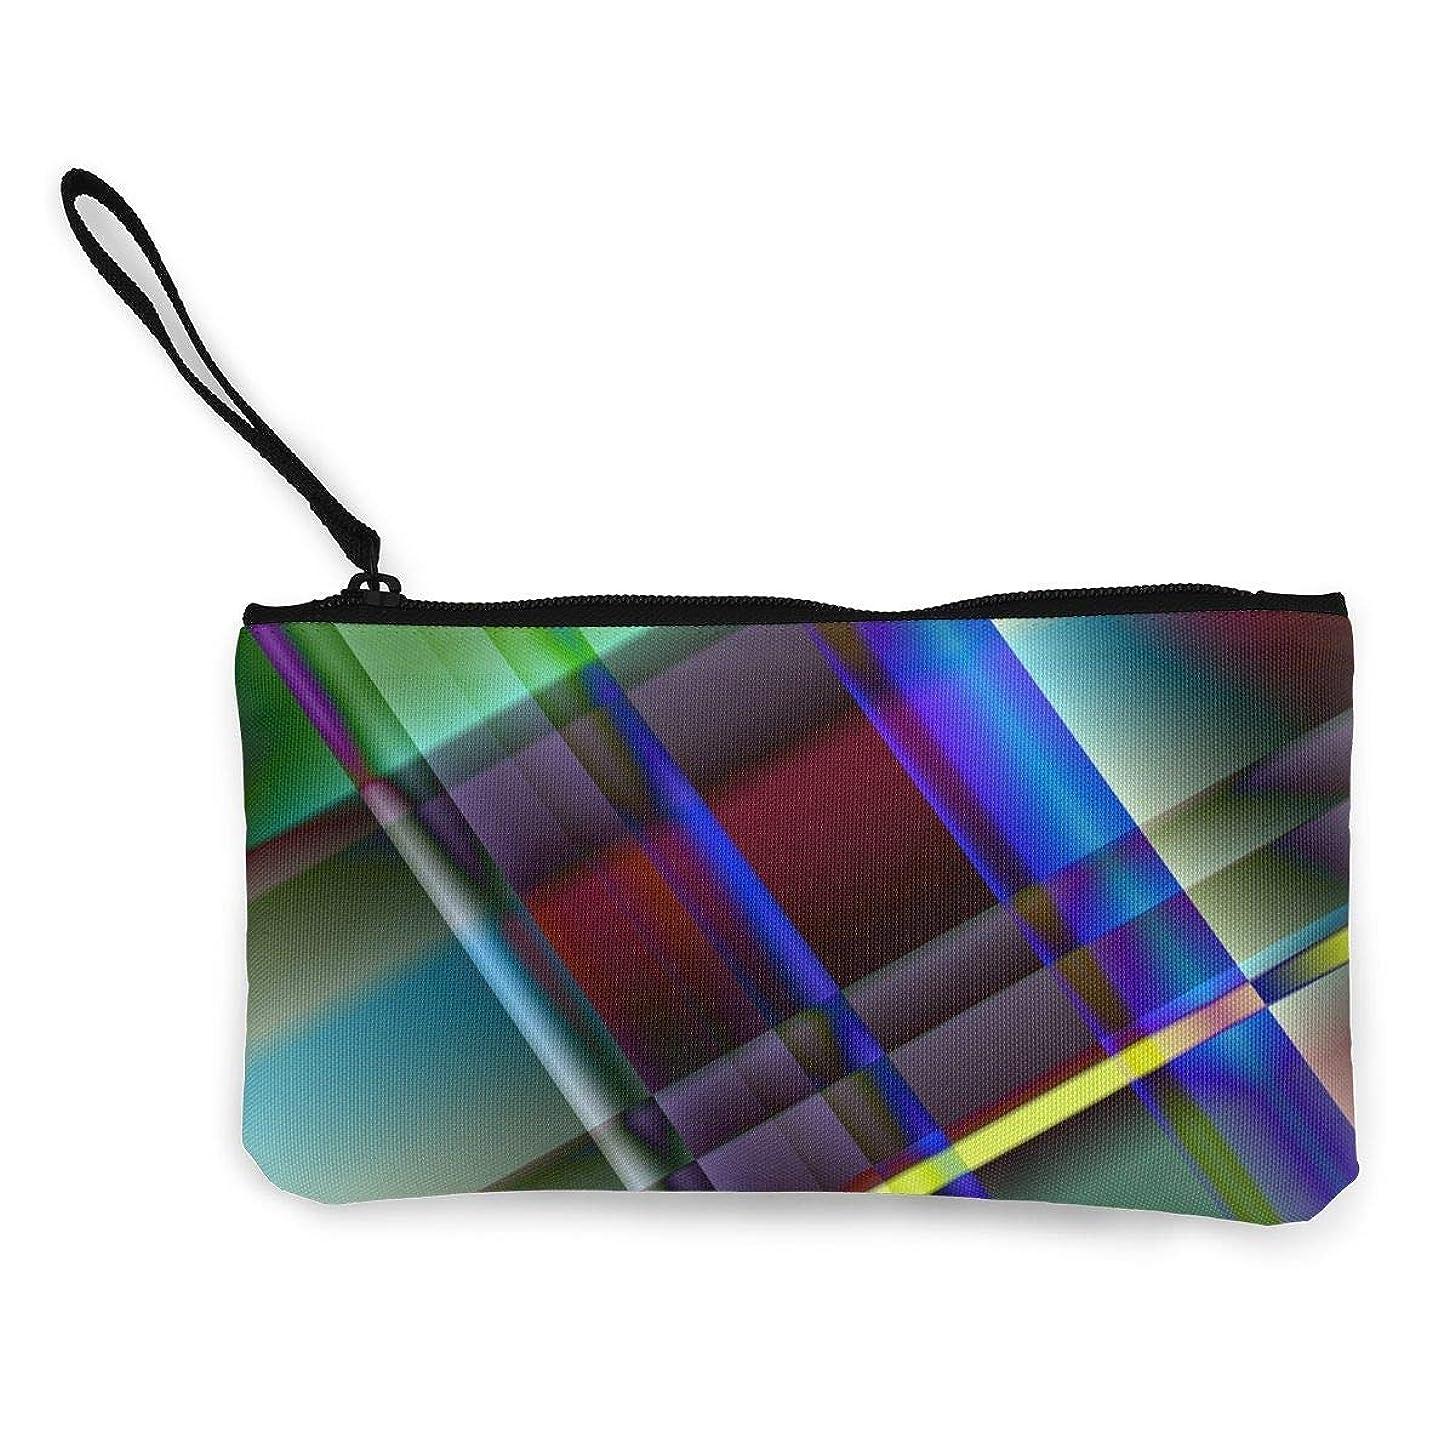 サーカス考え機密ErmiCo レディース 小銭入れ キャンバス財布 ガラス 金属 棒 白熱 小遣い財布 財布 鍵 小物 充電器 収納 長財布 ファスナー付き 22×12cm